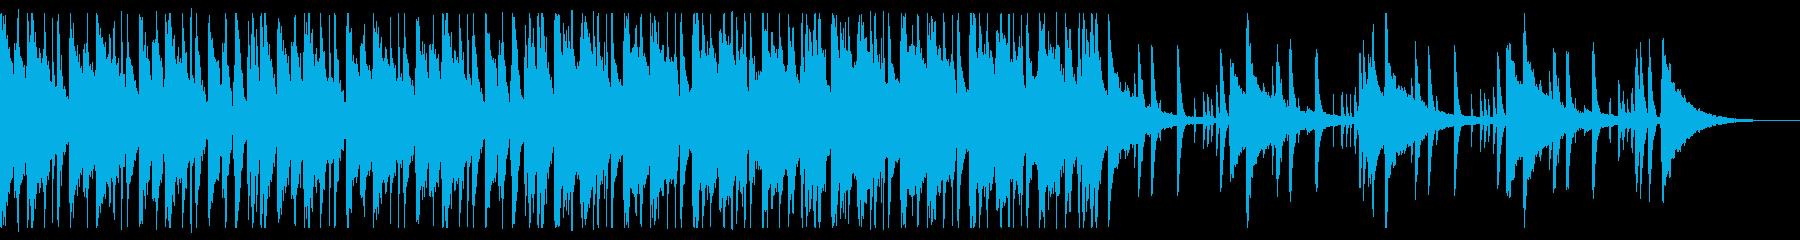 懐かしい雰囲気のチルR&B_5の再生済みの波形